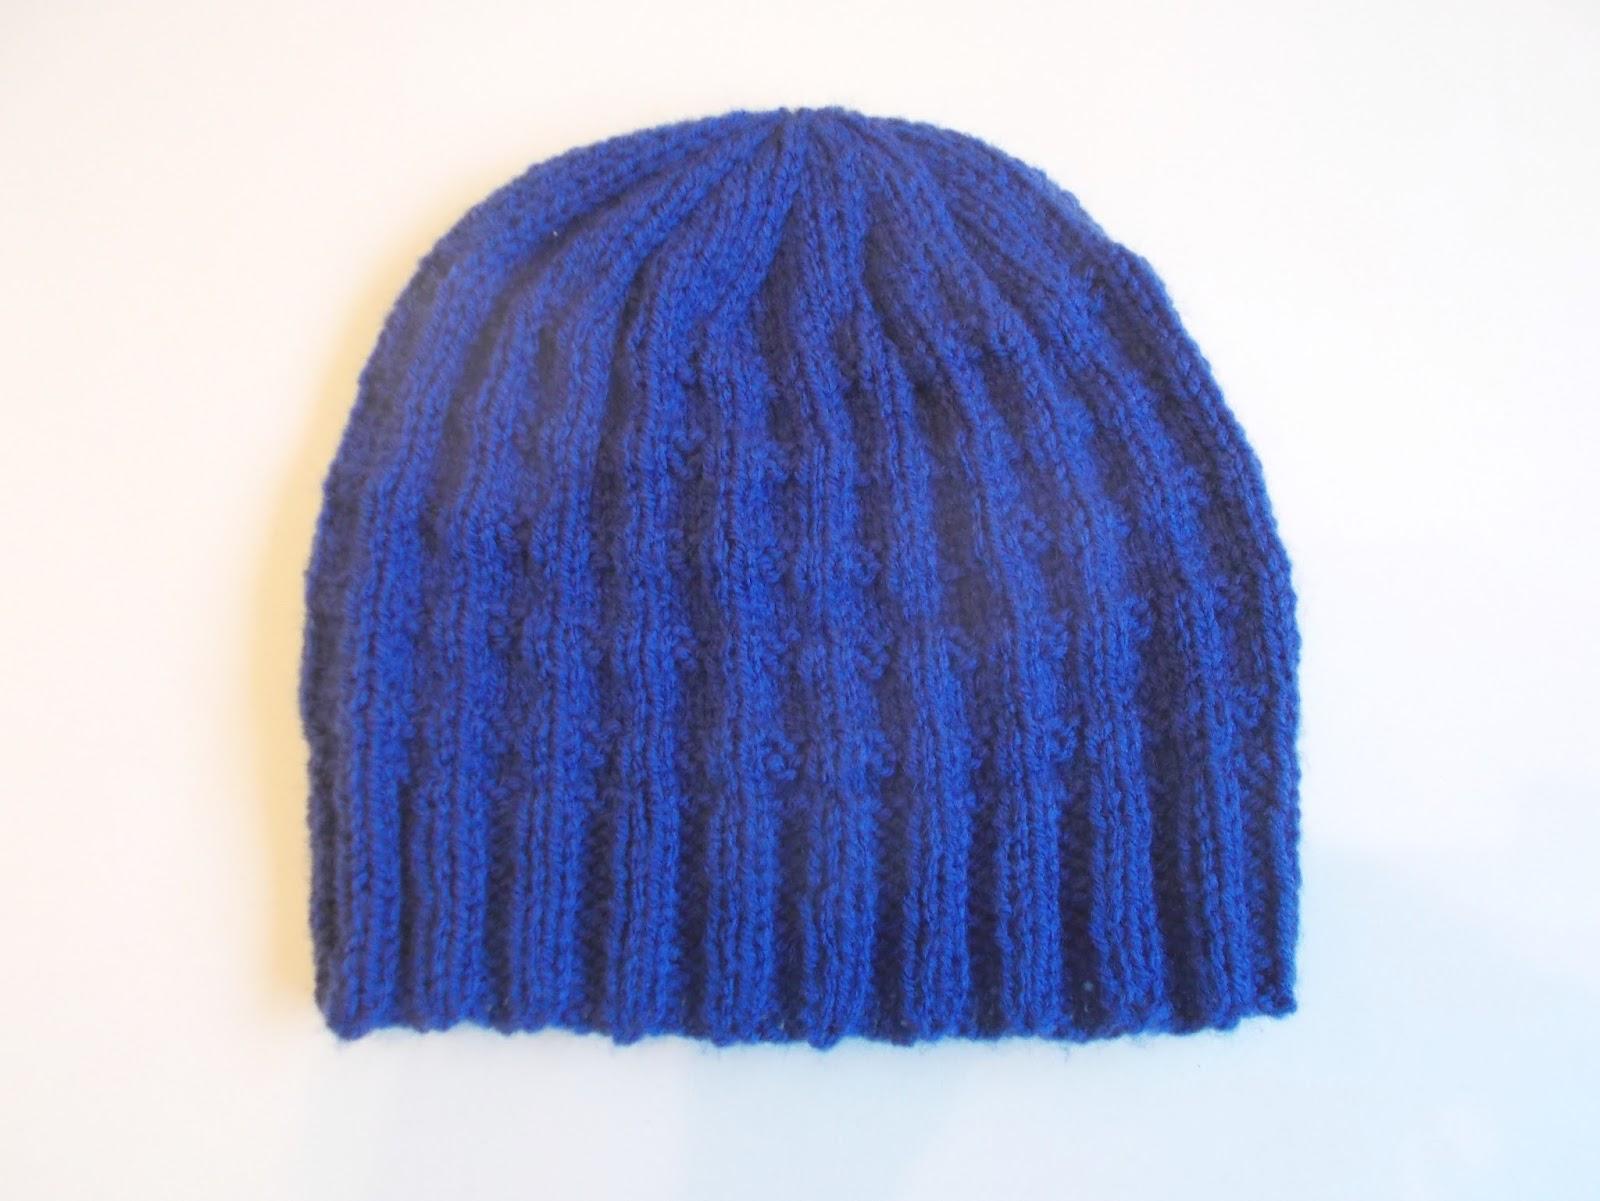 fb0d3927b Marianna's Lazy Daisy Days: Charlie - Baby Beanie Hat